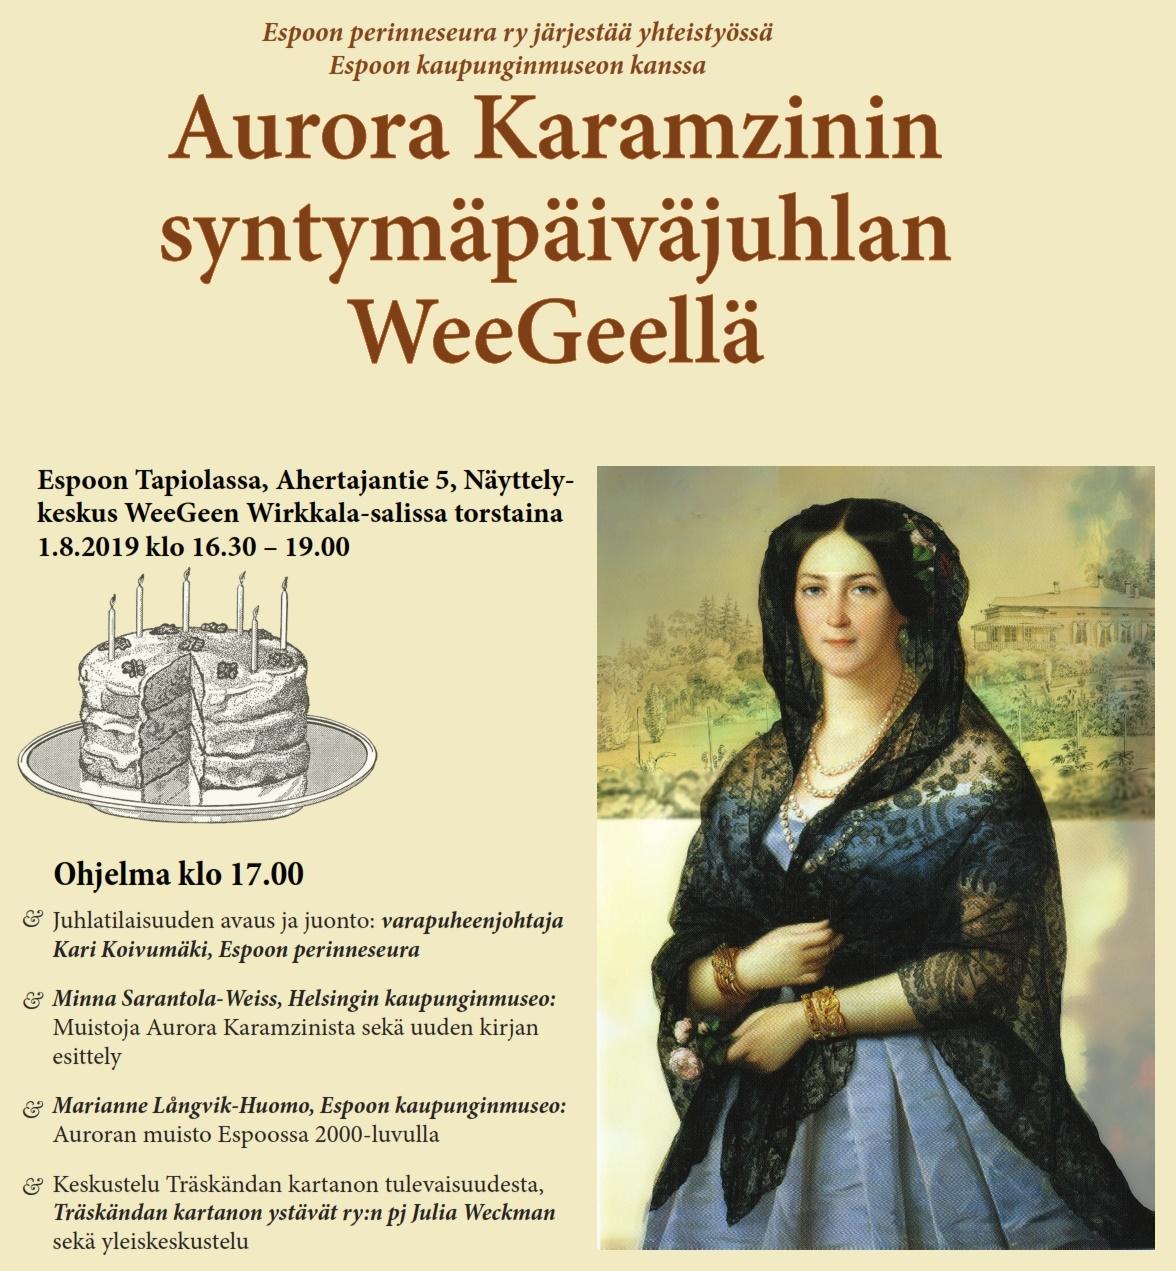 Kutsu Aurora Karamzinin syntymäpäiväjuhlaan